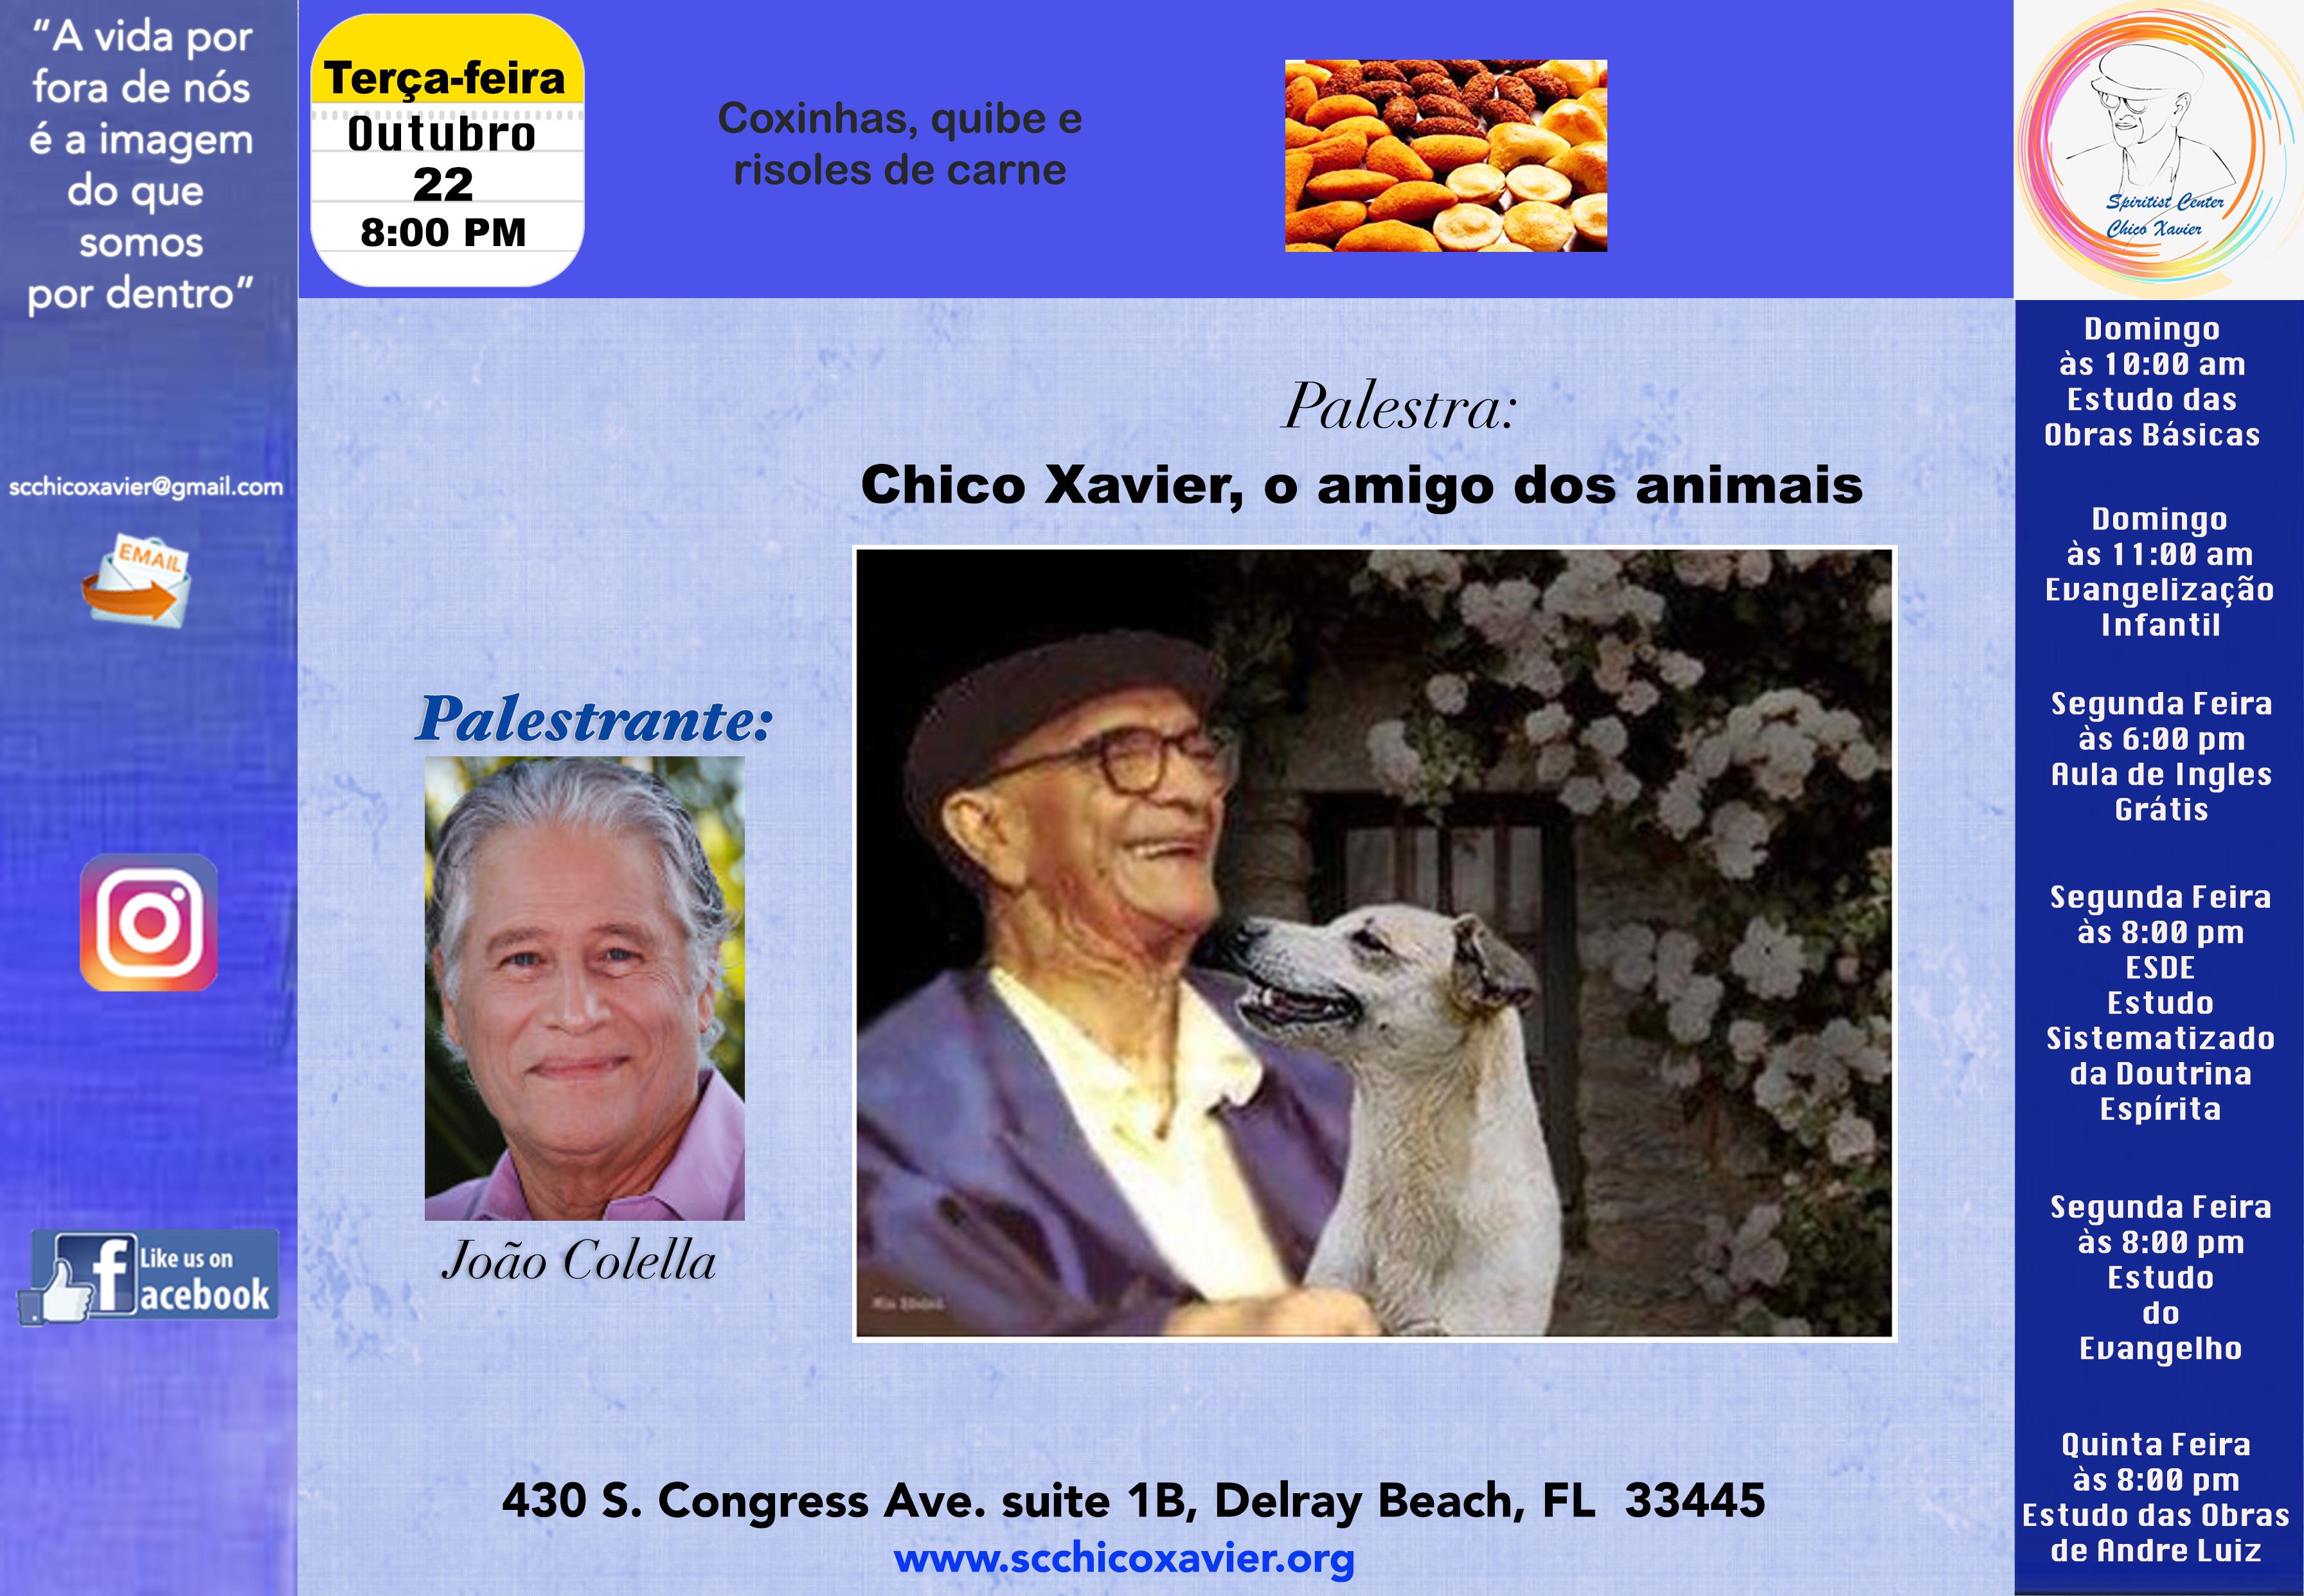 João Colella - Chico Xavier, o amigo dos animais